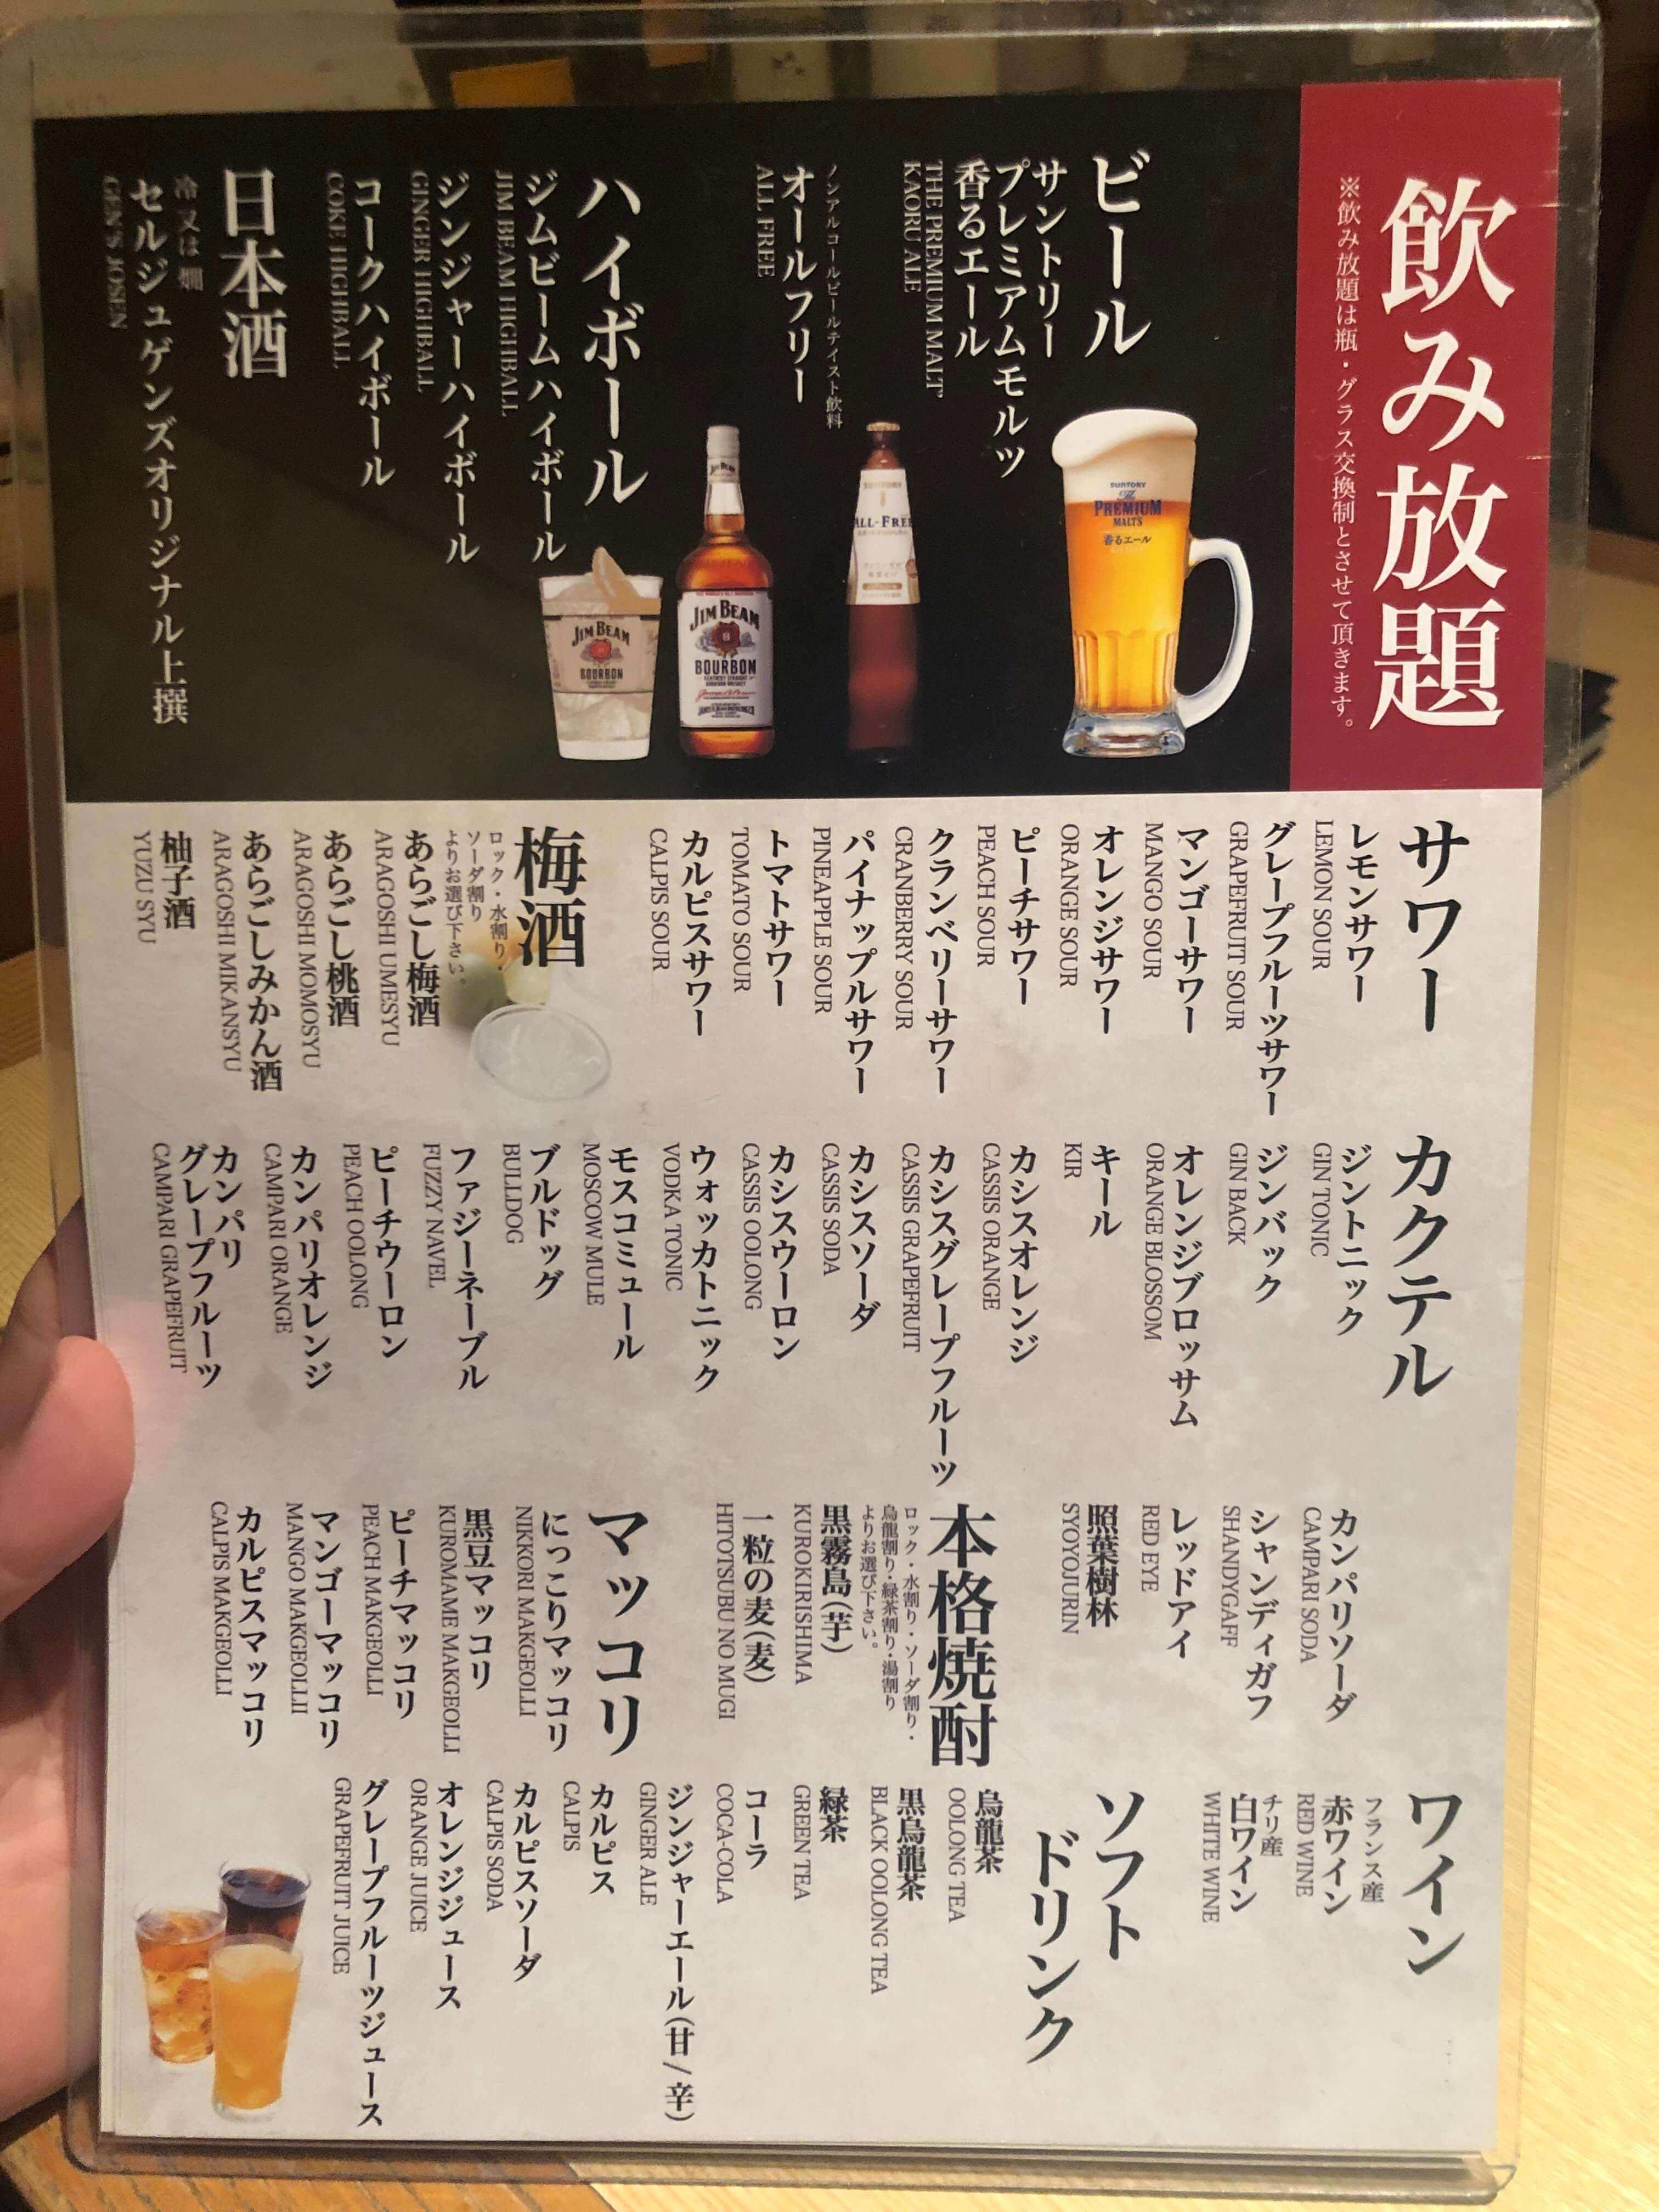 黒毛和牛焼肉 Serge源's錦店 飲み放題メニュー